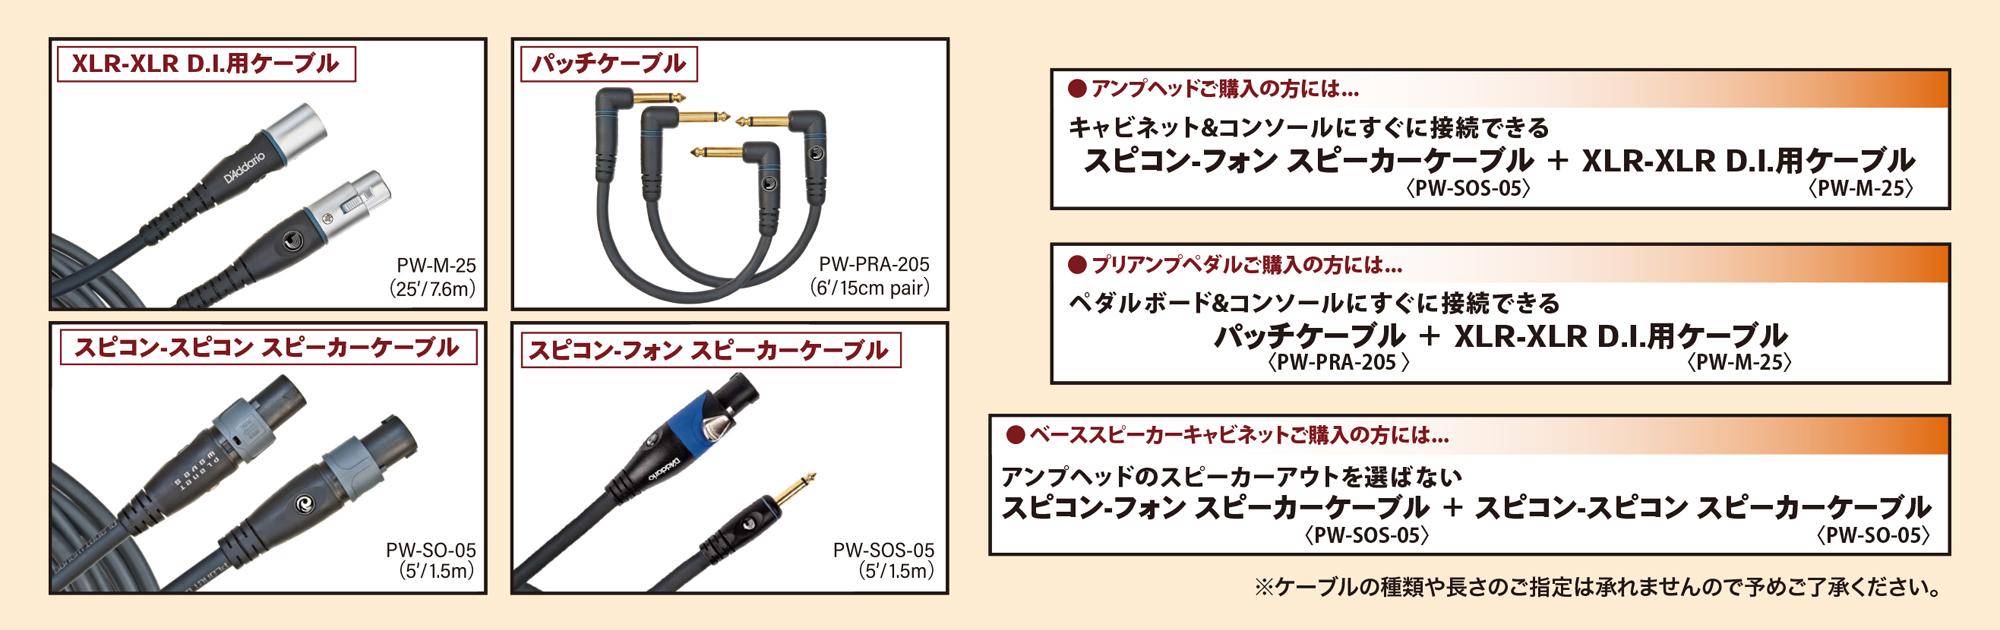 D'Addarioのハイクオリティケーブル(ご購入製品にマッチした2種類)をもれなくプレゼント!!